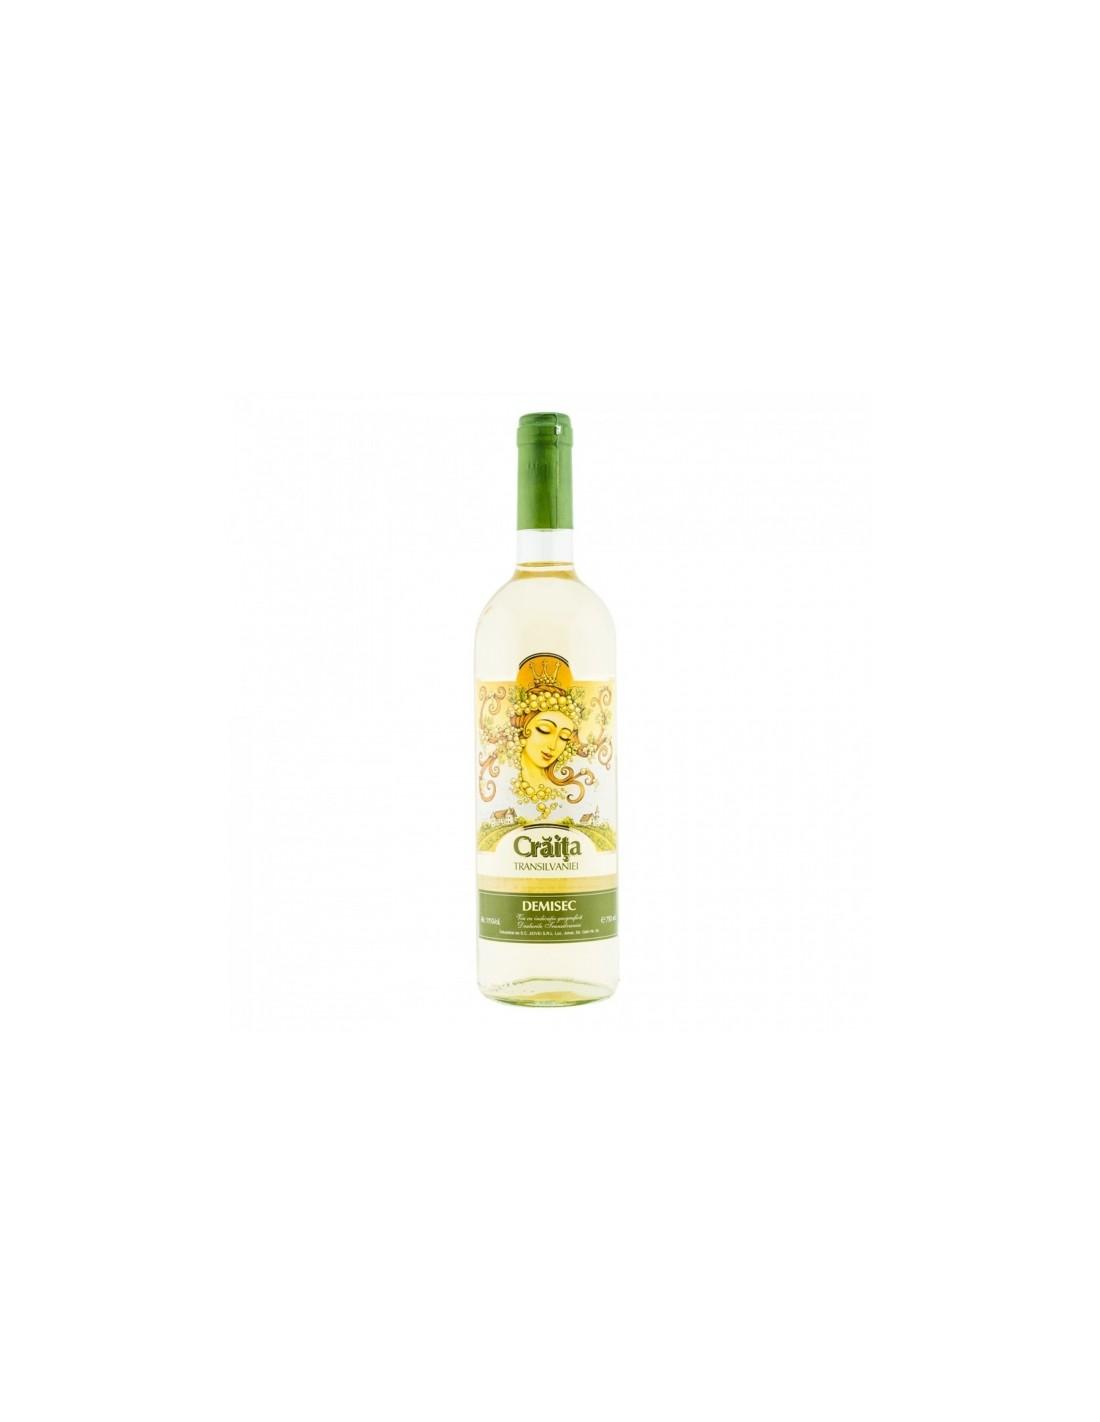 Vin alb demisec, Craita Transilvaniei Jidvei, 0.75L, 11% alc., Romania